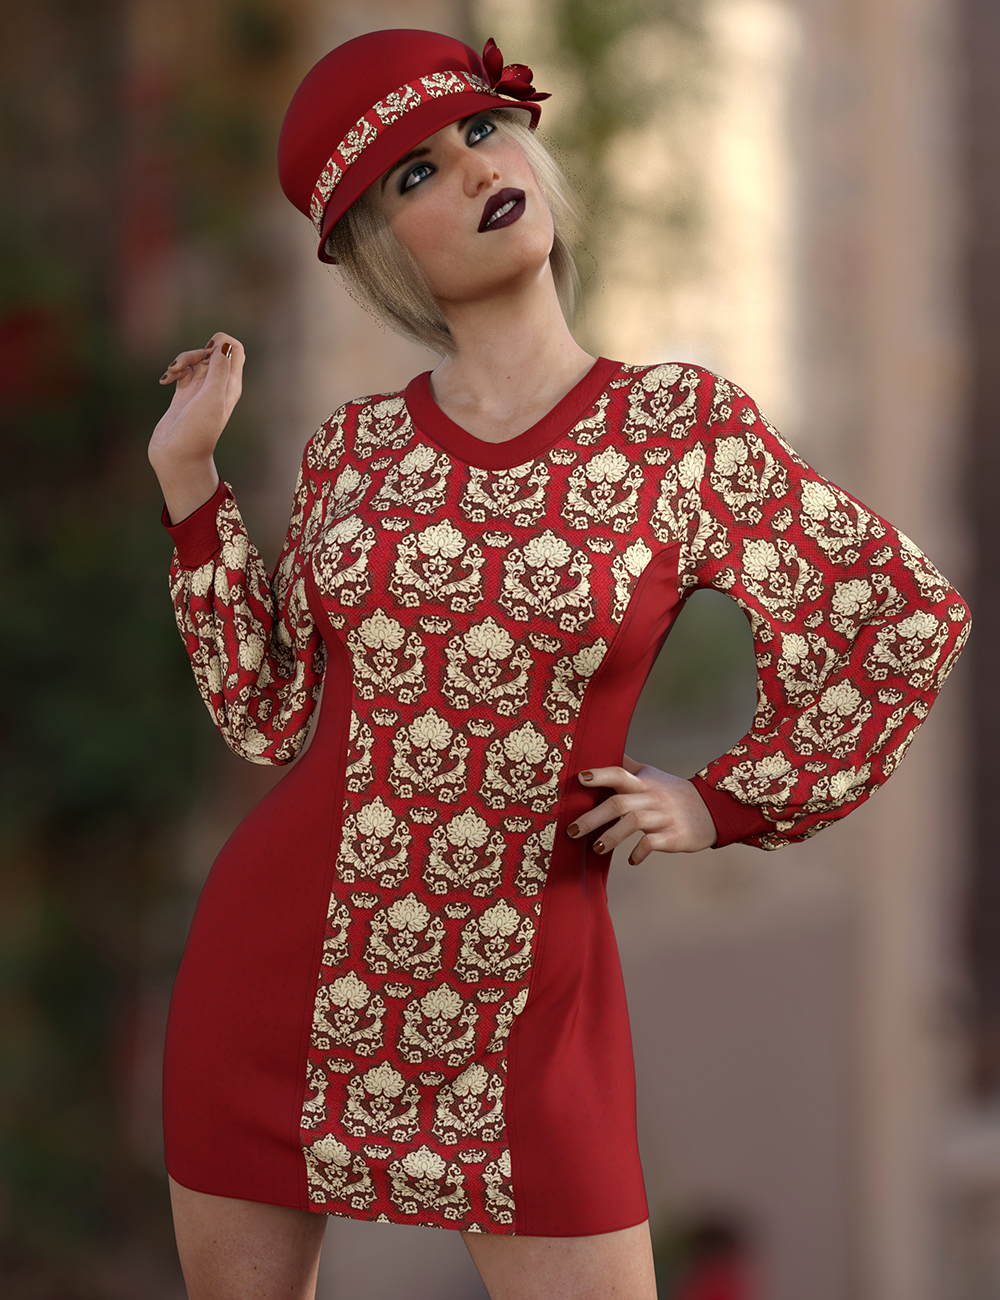 Micro Mini Dress Outfit Texture Expansion by: Nelmi, 3D Models by Daz 3D